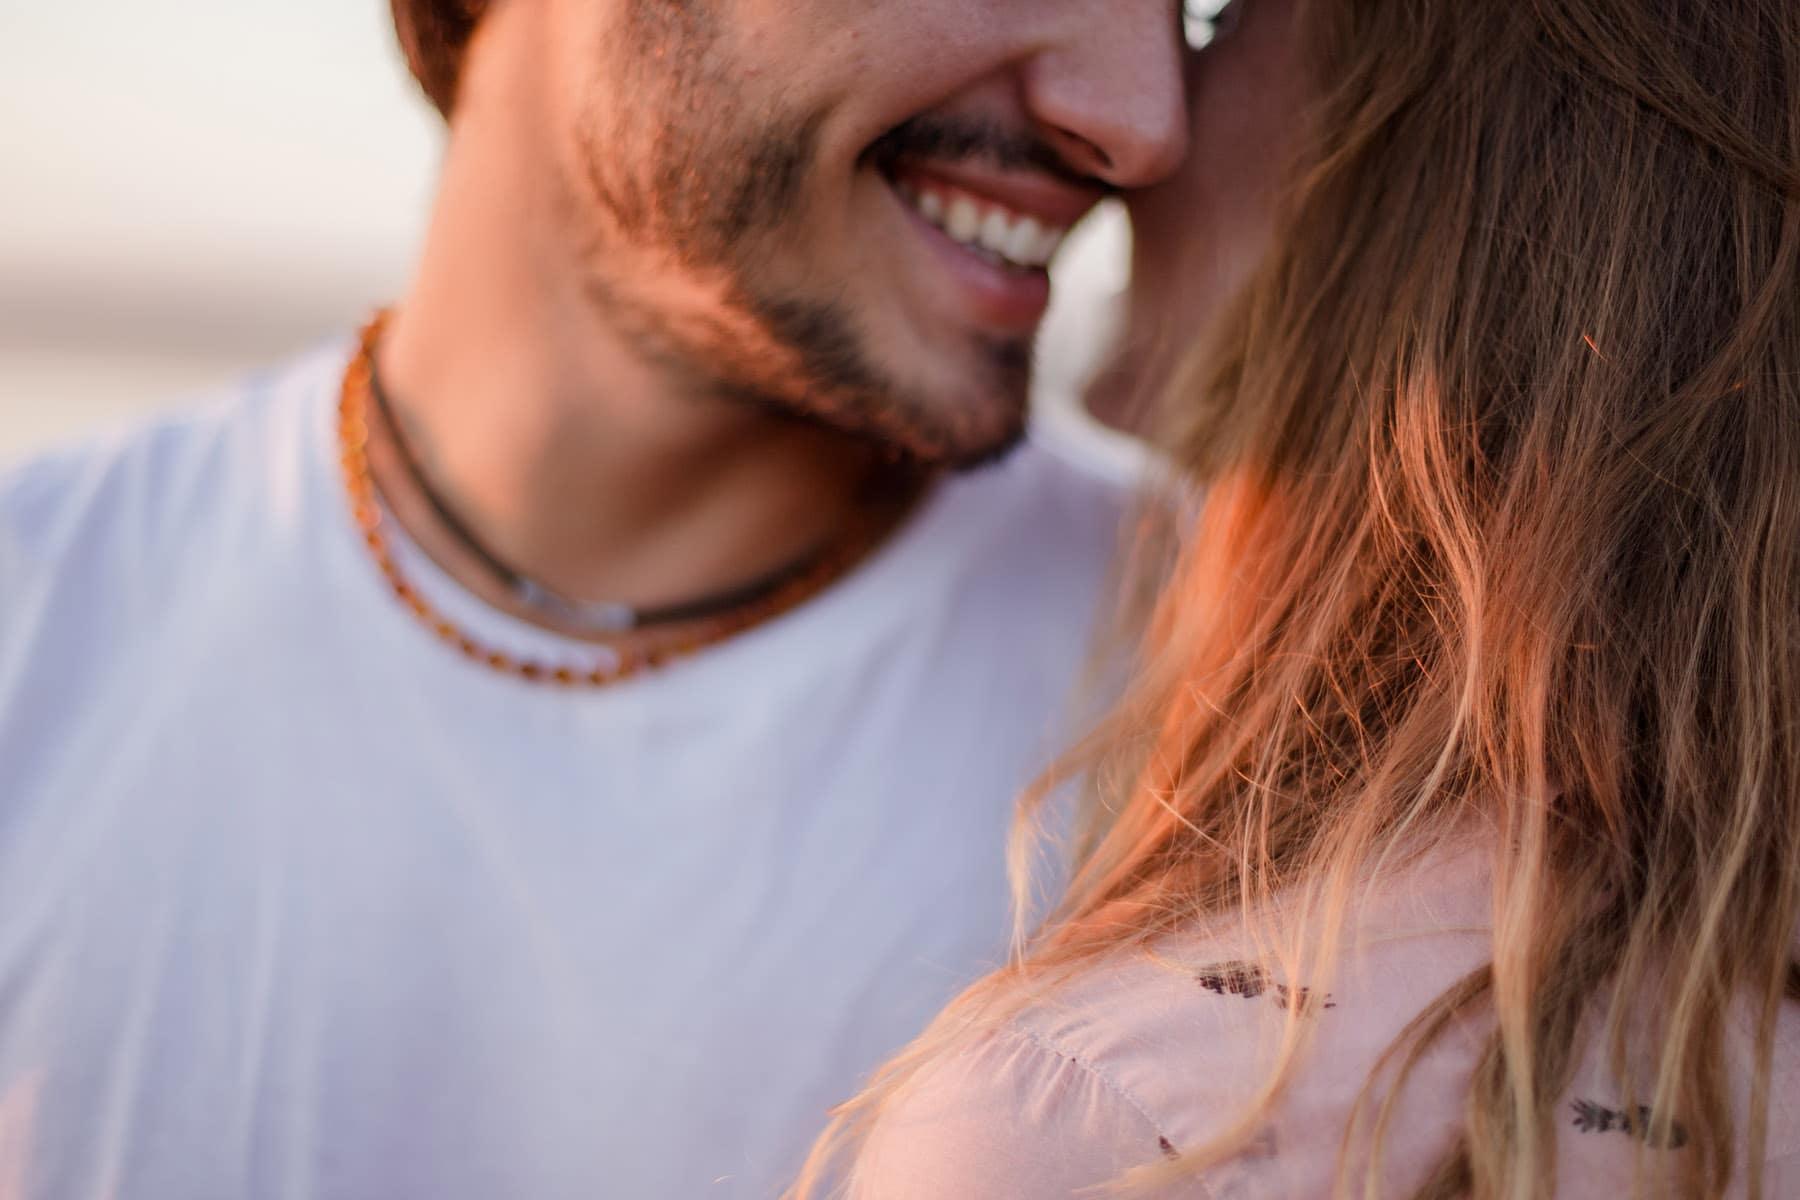 photographe couple mariage engagement love session bordeaux landes lac lifestyle fine art francais sarah miramon tiffany julien 21